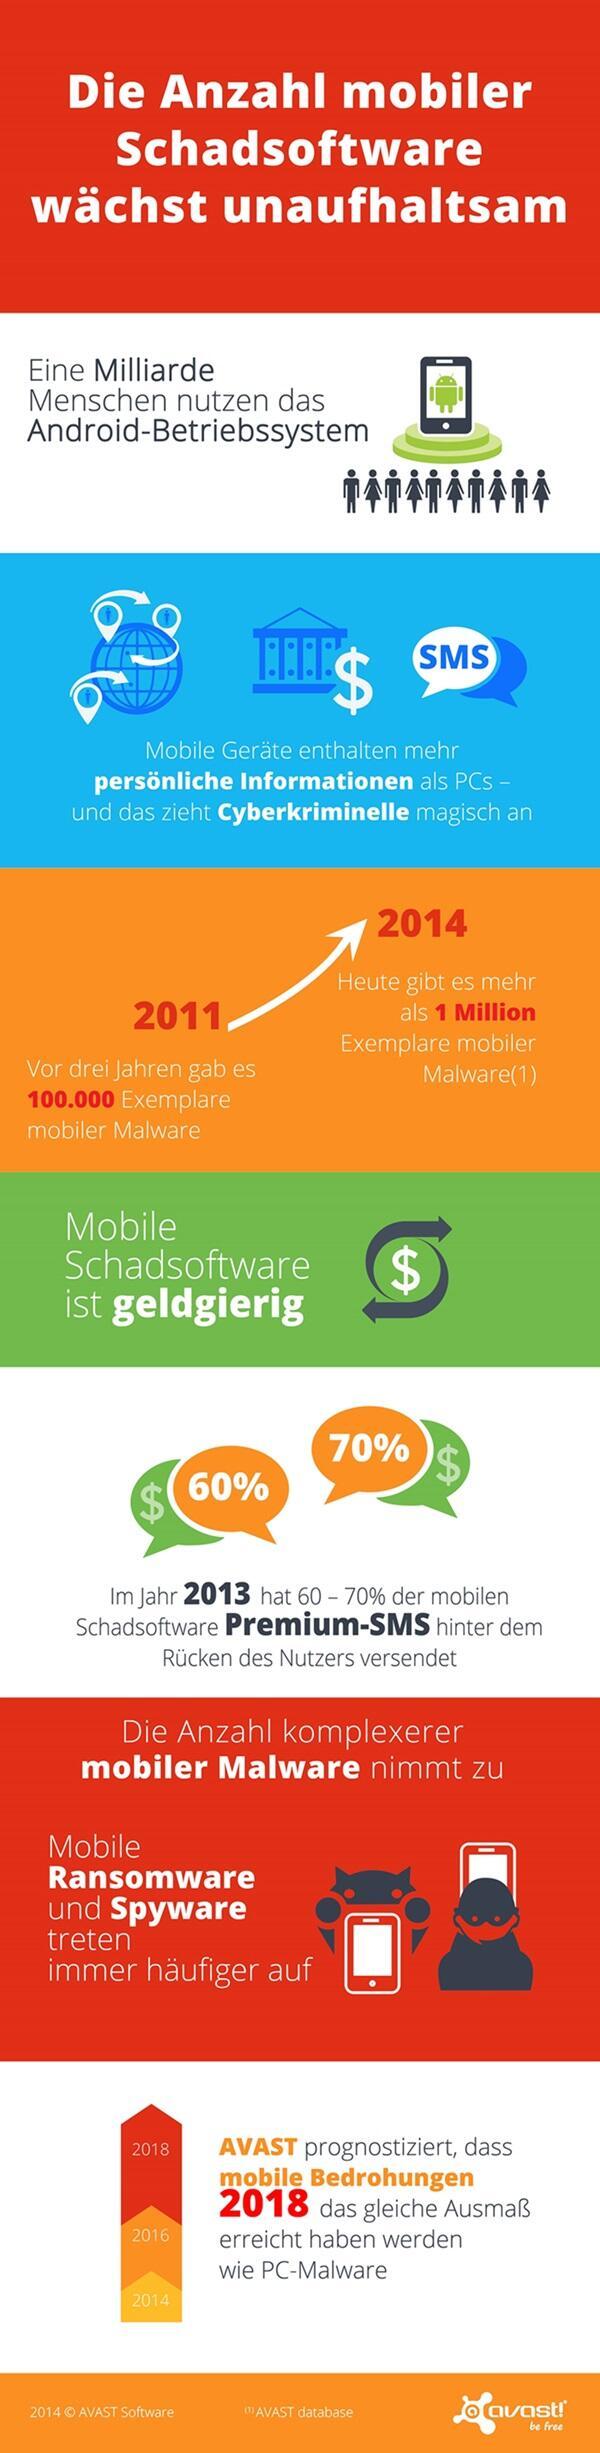 Statistik mobile schadsoftware mit enormen wachstum